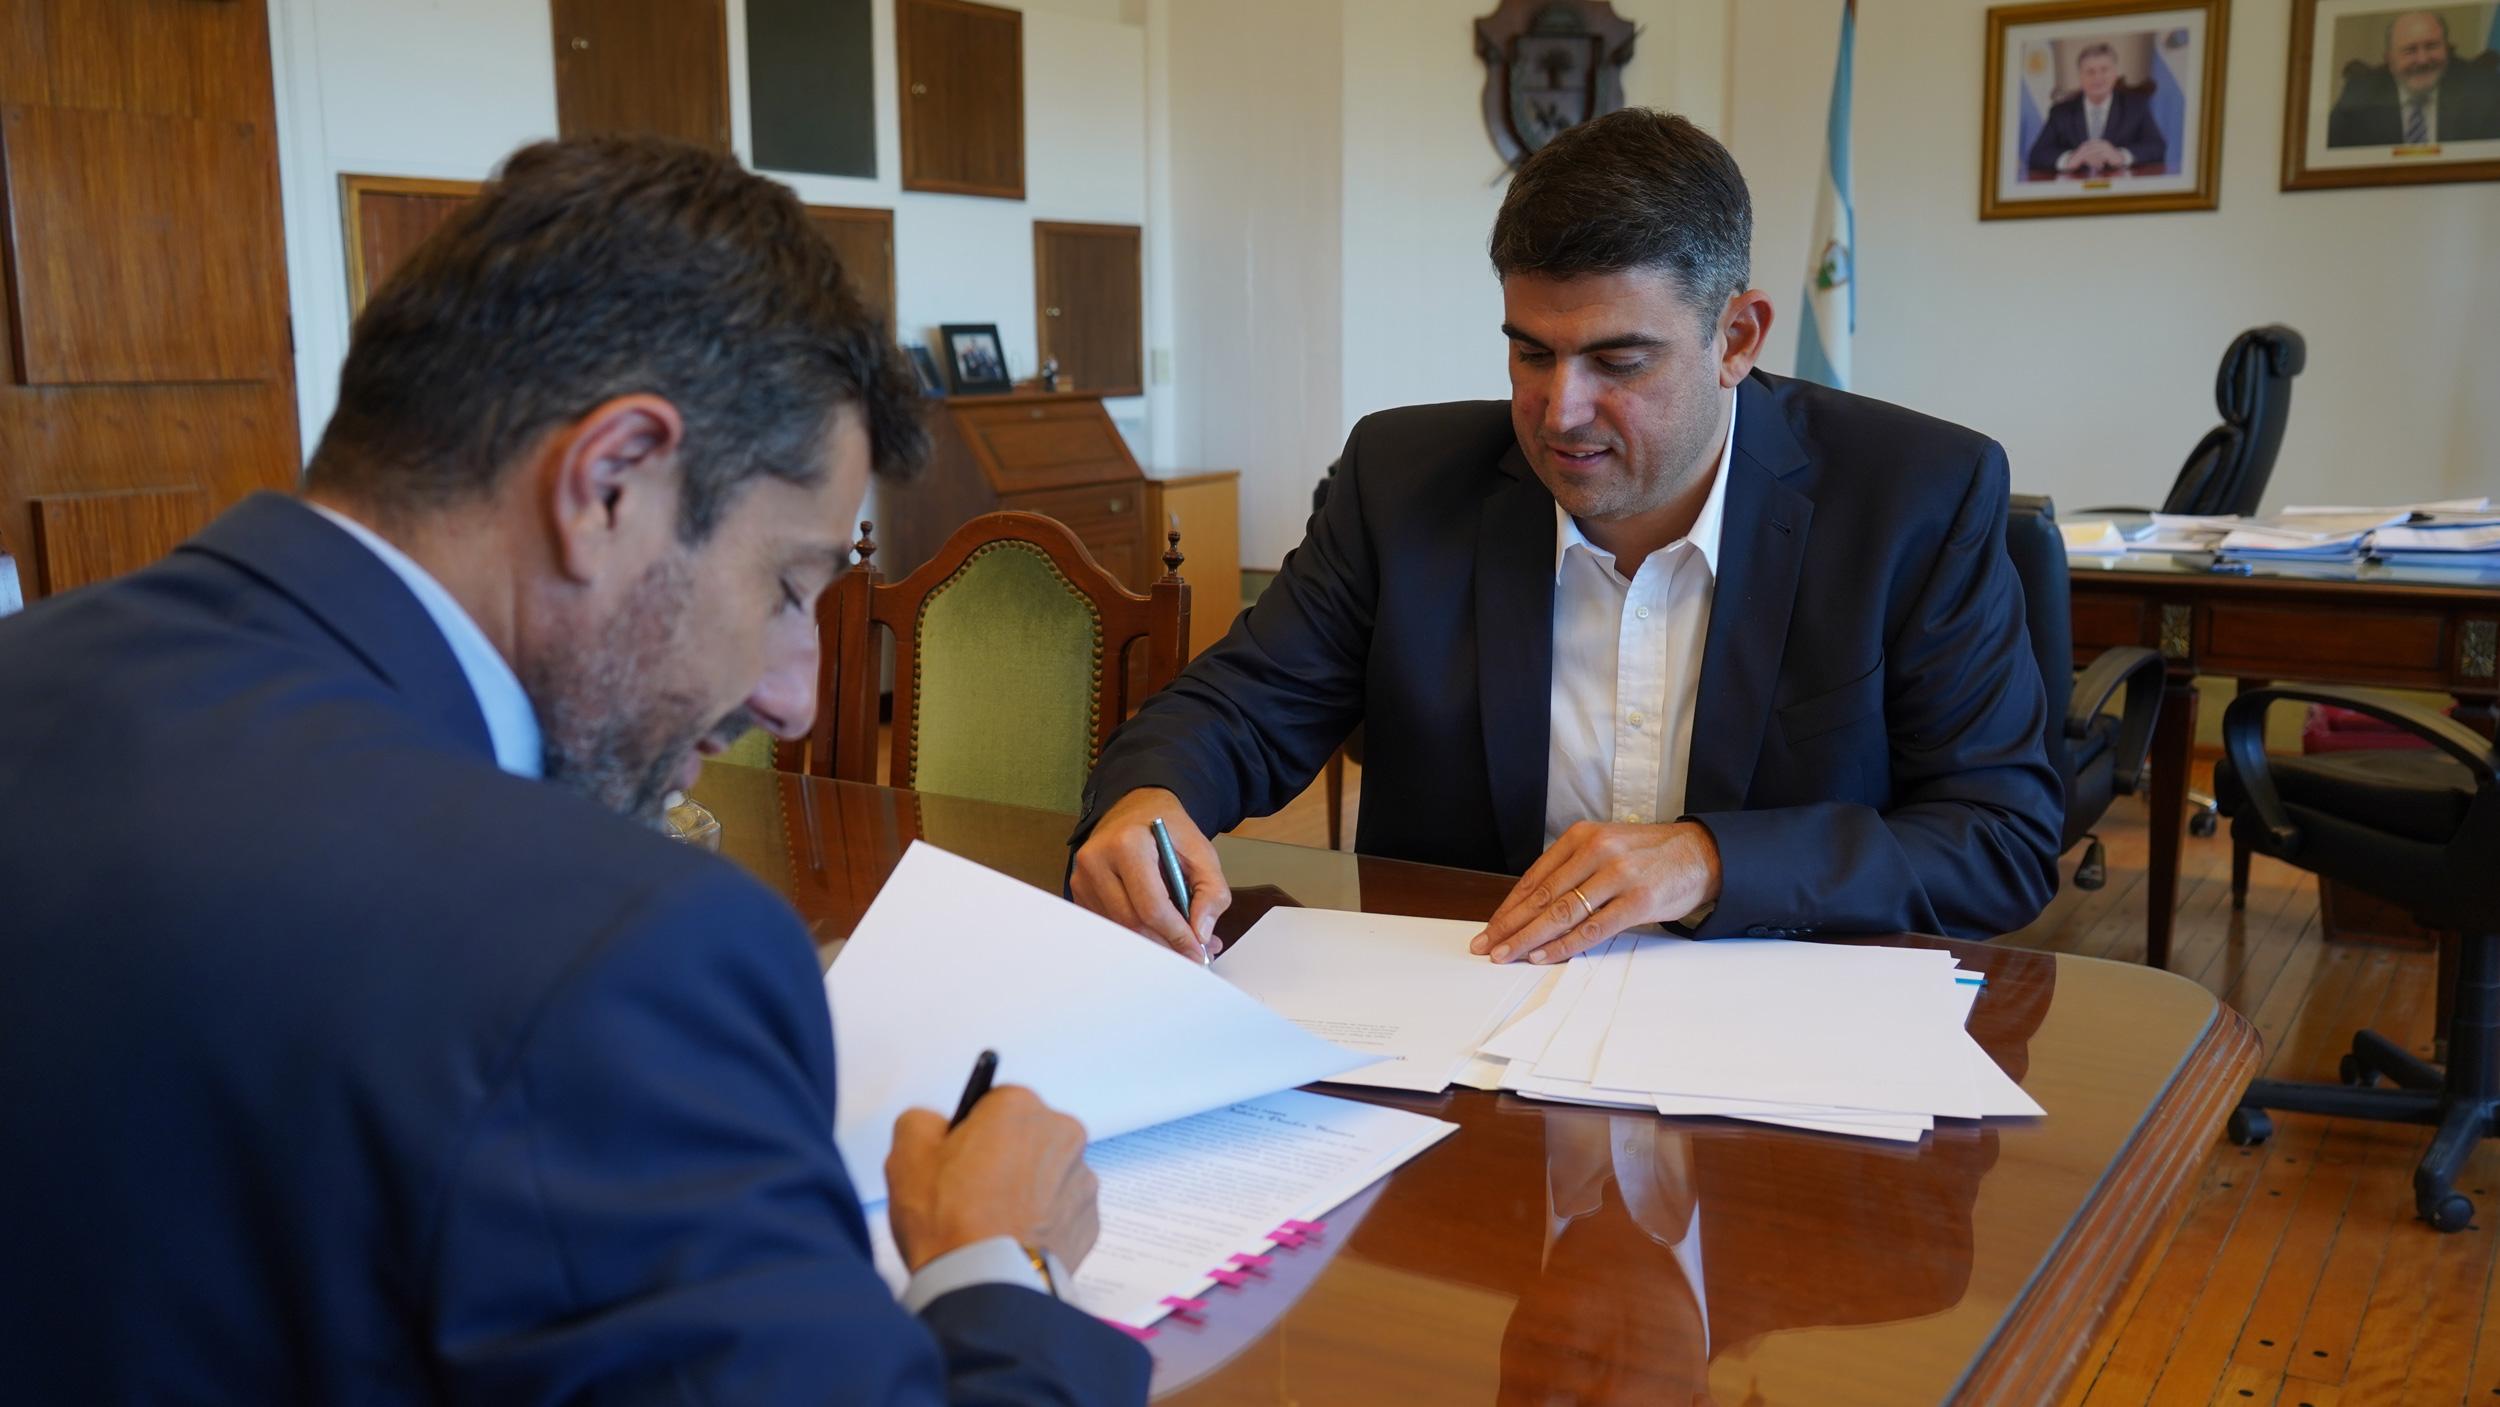 Firman convenio para que comiencen a funcionar Pampa Pagos en las oficinas del Registro Civil